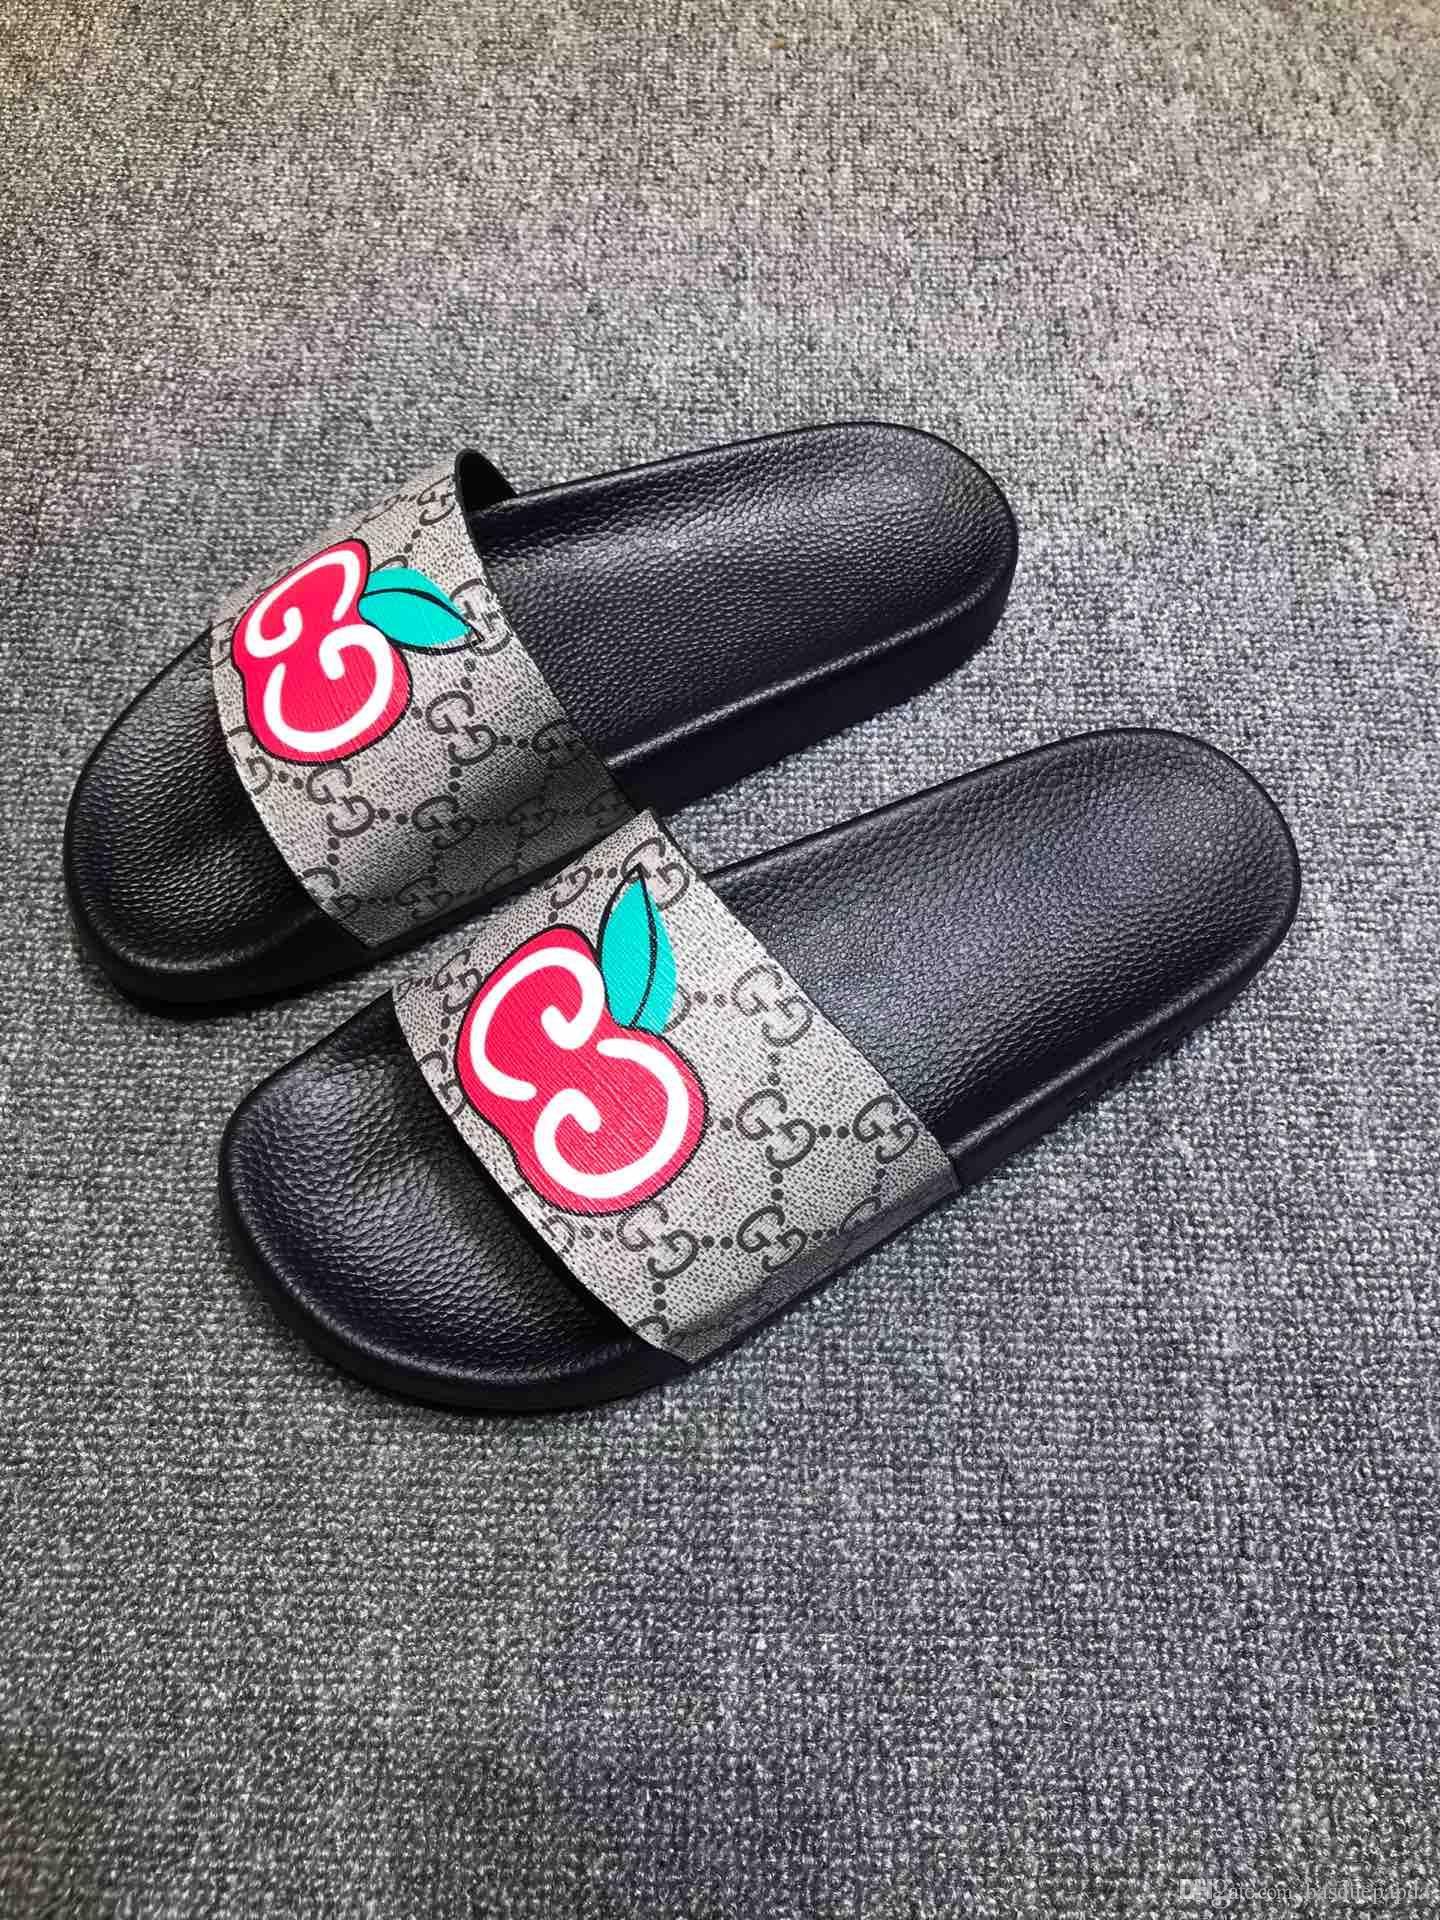 Paris Luxusdesigner der Frauen Männer Sommer-Sandelholz-Strand-Slide Slippers Damen Flip Flops Loafers Print Leder Solid Color 35-46HX066